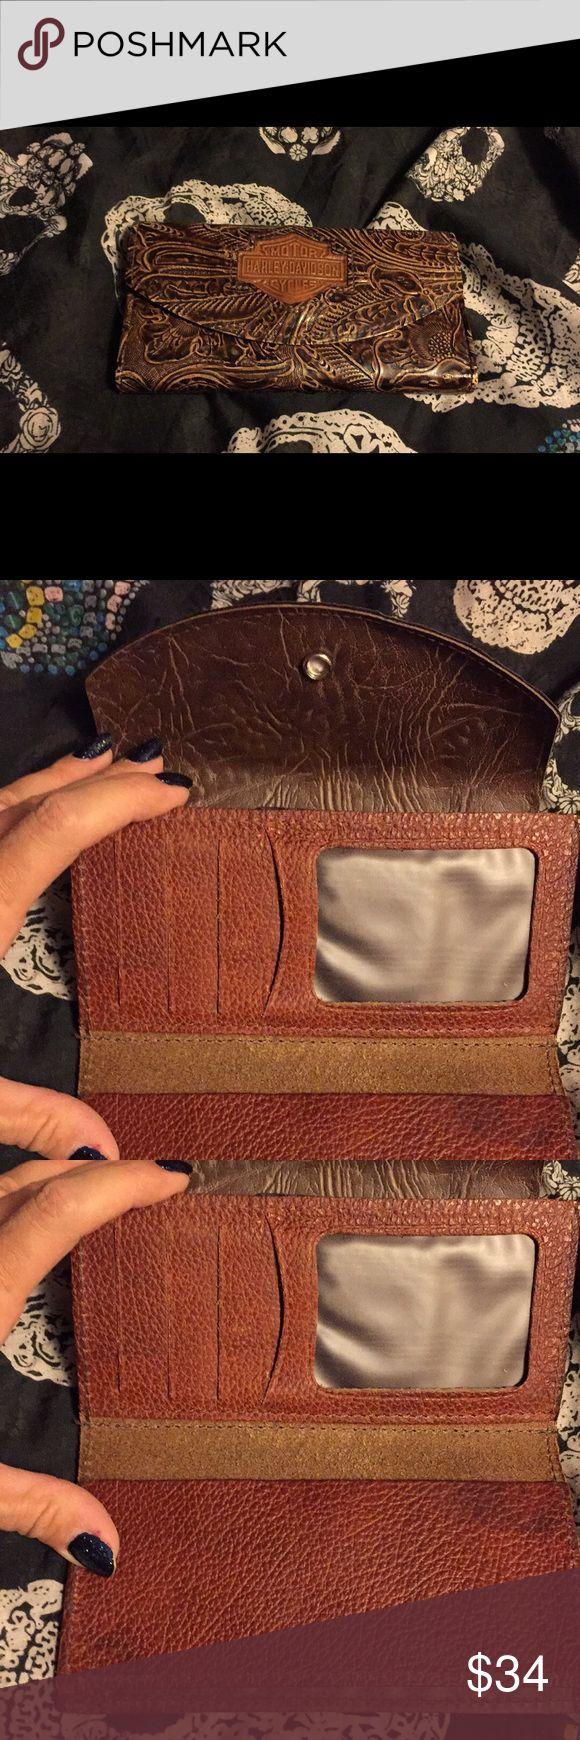 Harley Davidson Wallet Gently loved. Harley Davidson wallet. Vegan leather. Harley-Davidson Bags Wallets